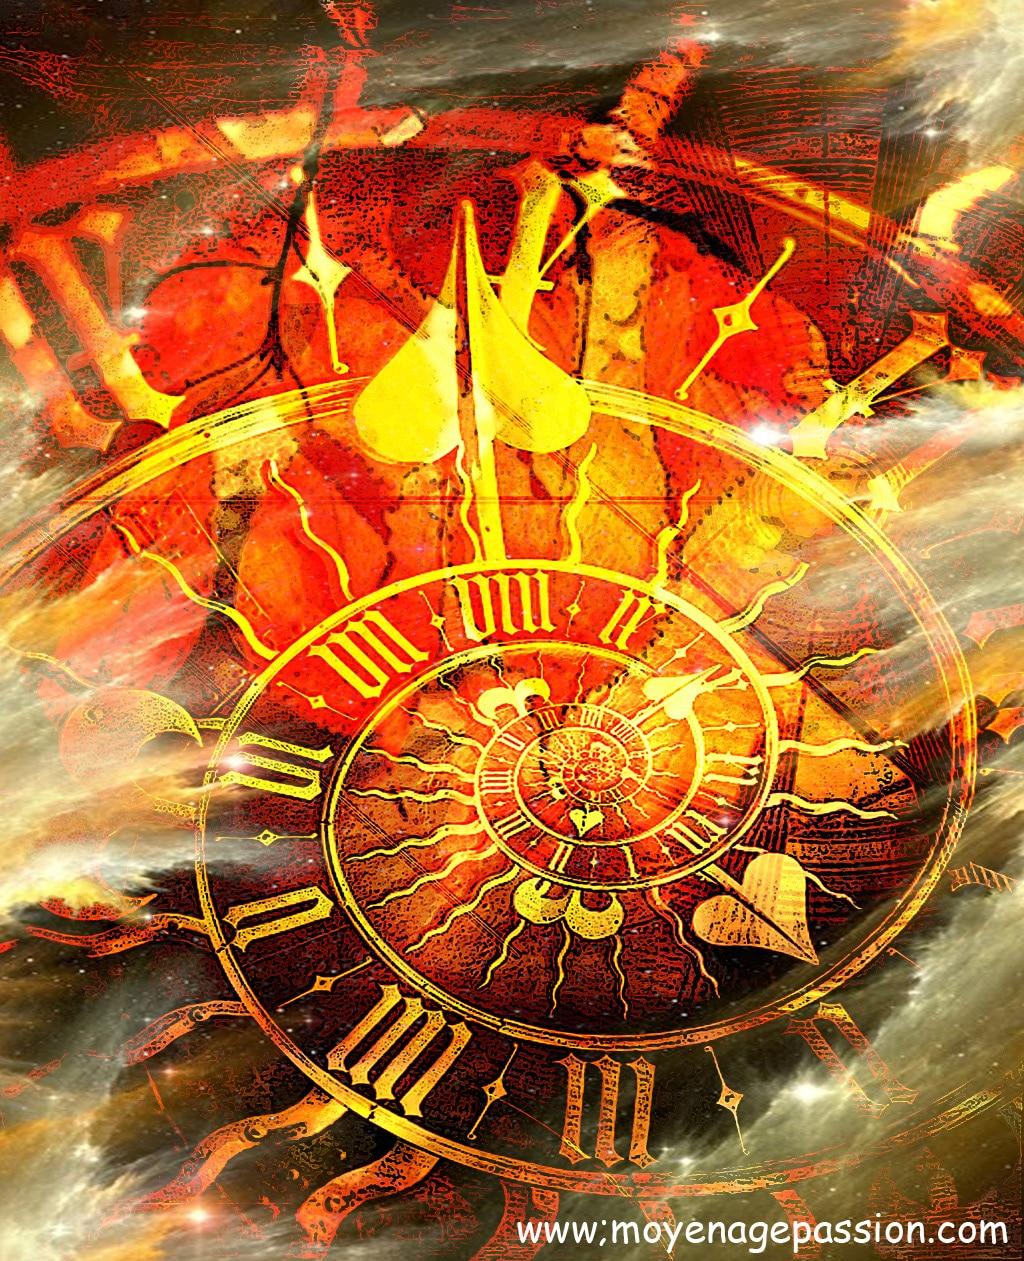 machine_a_remonter_le_temps_moyen-age_monde_histoire_encyclopedie_medievale